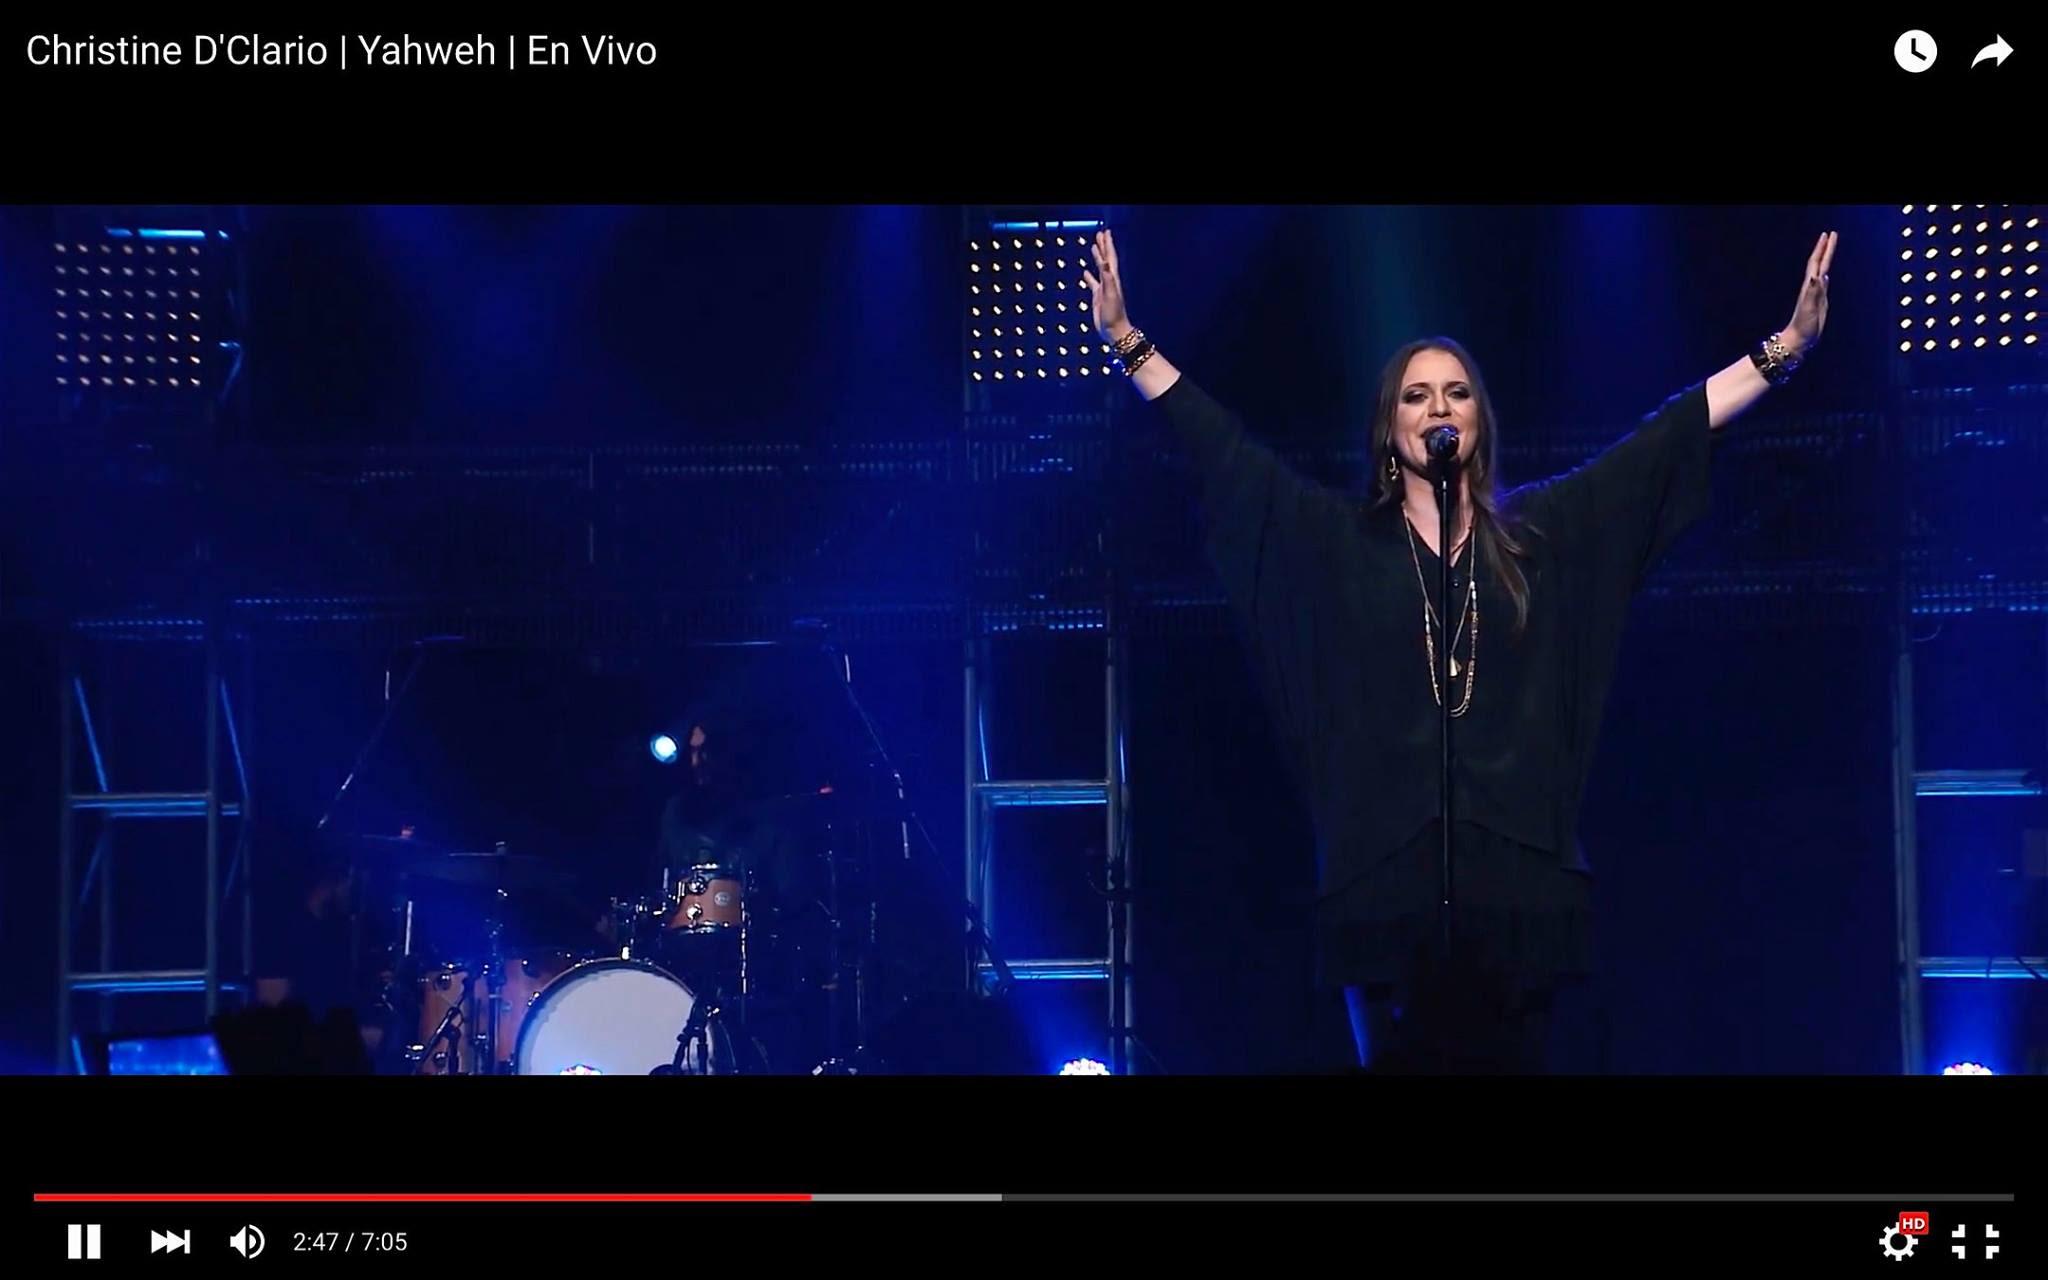 Christine D'Clario  lanza videos de  «Eterno Live» completamente gratis2